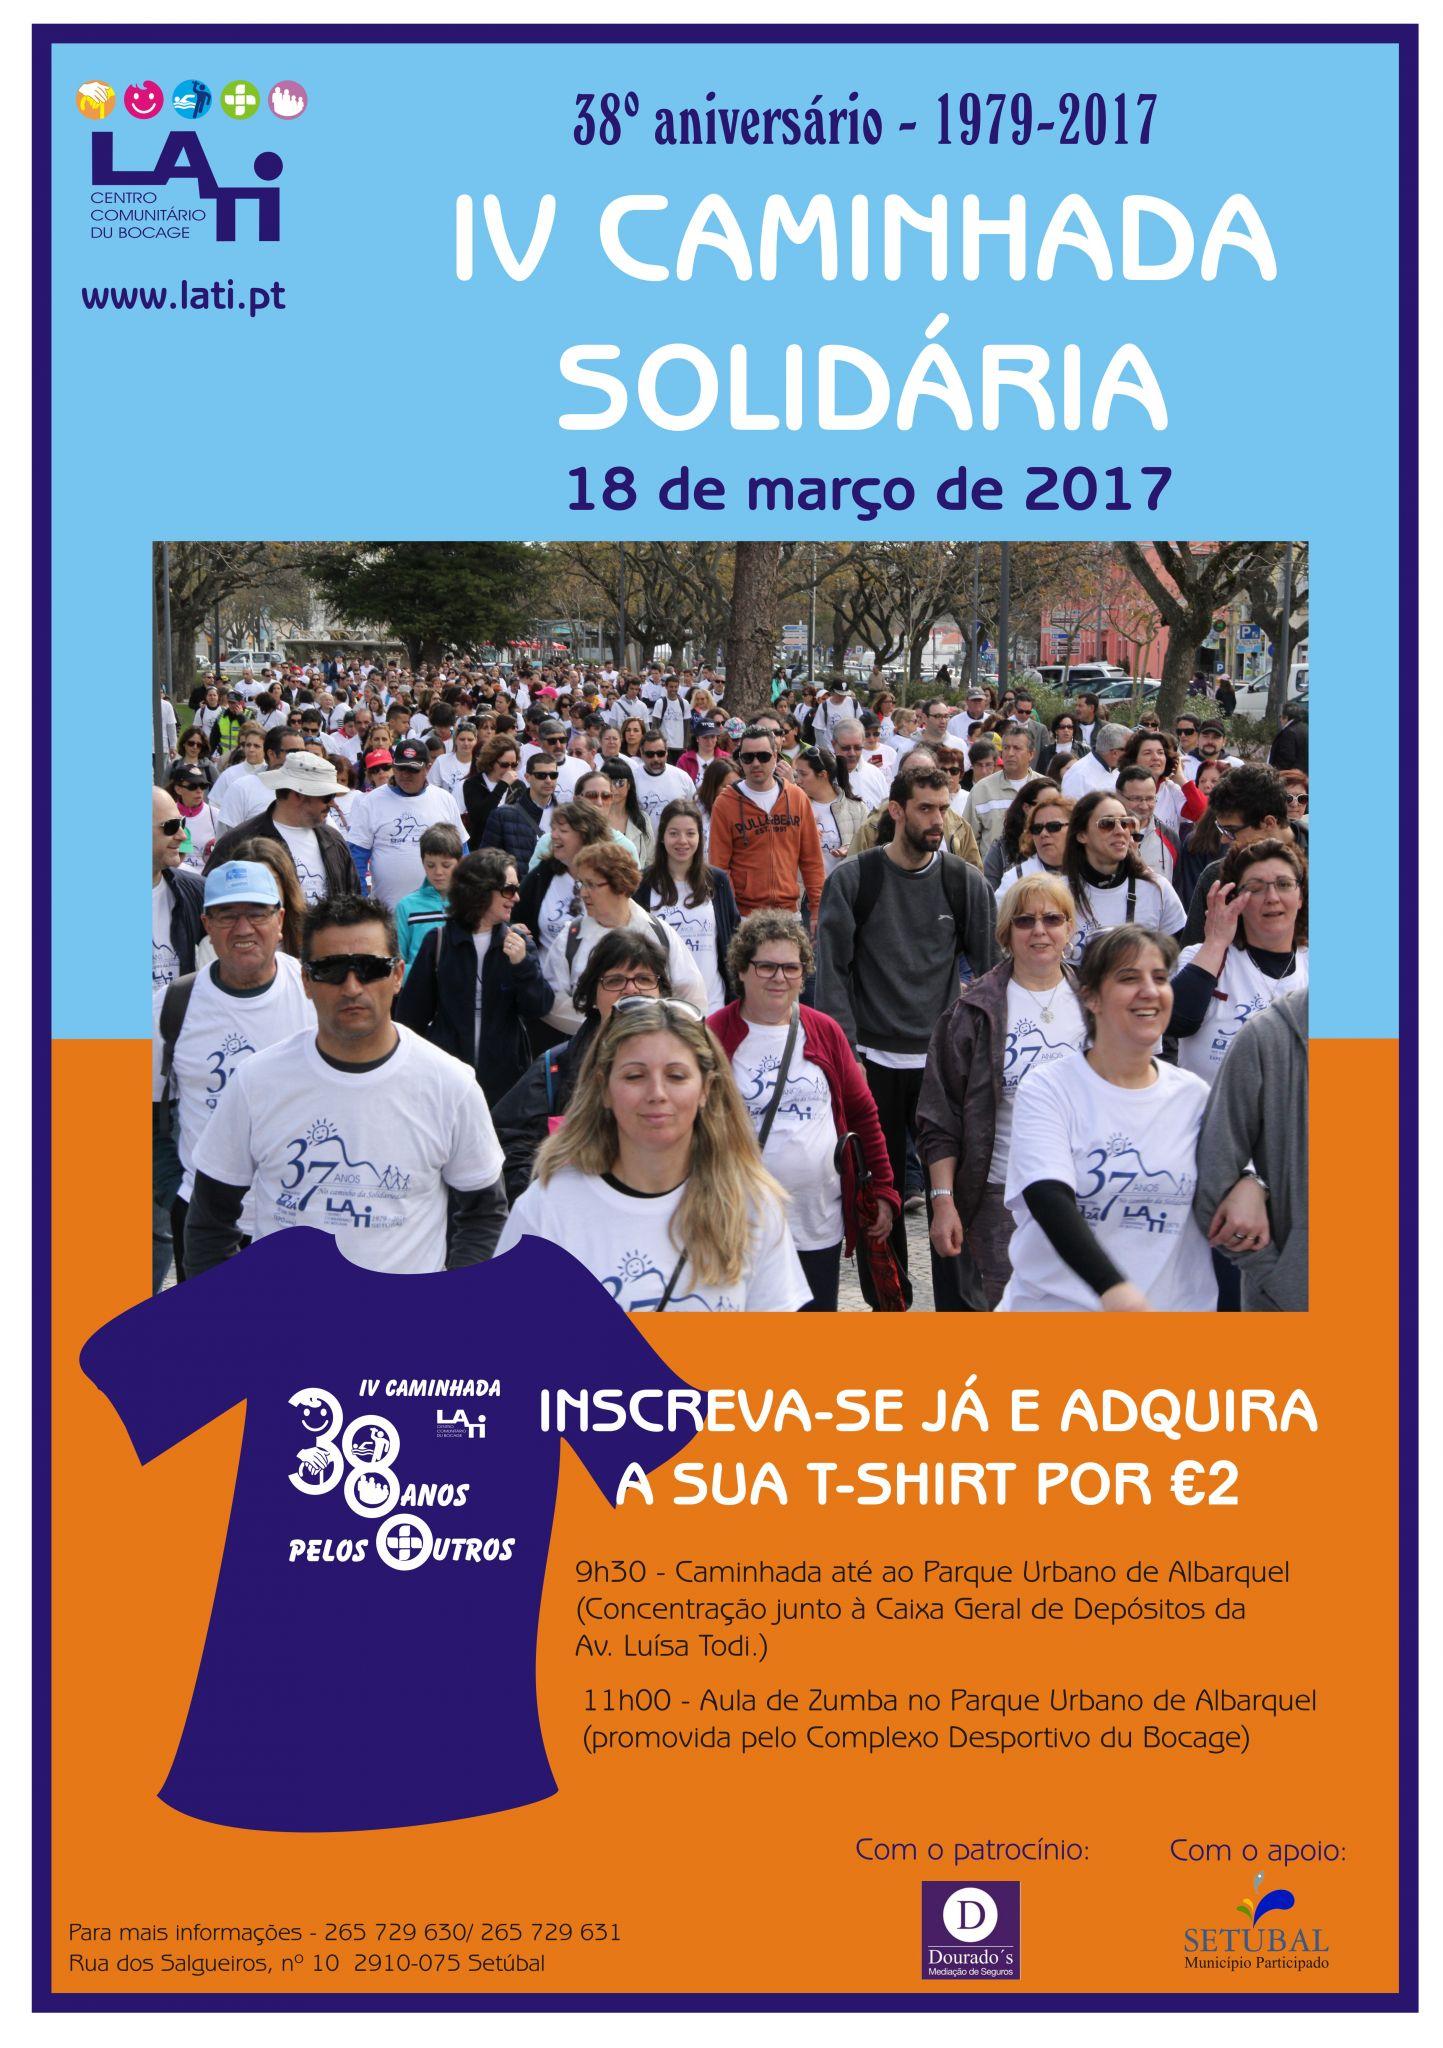 Inscreva-se já na IV Caminhada Solidária